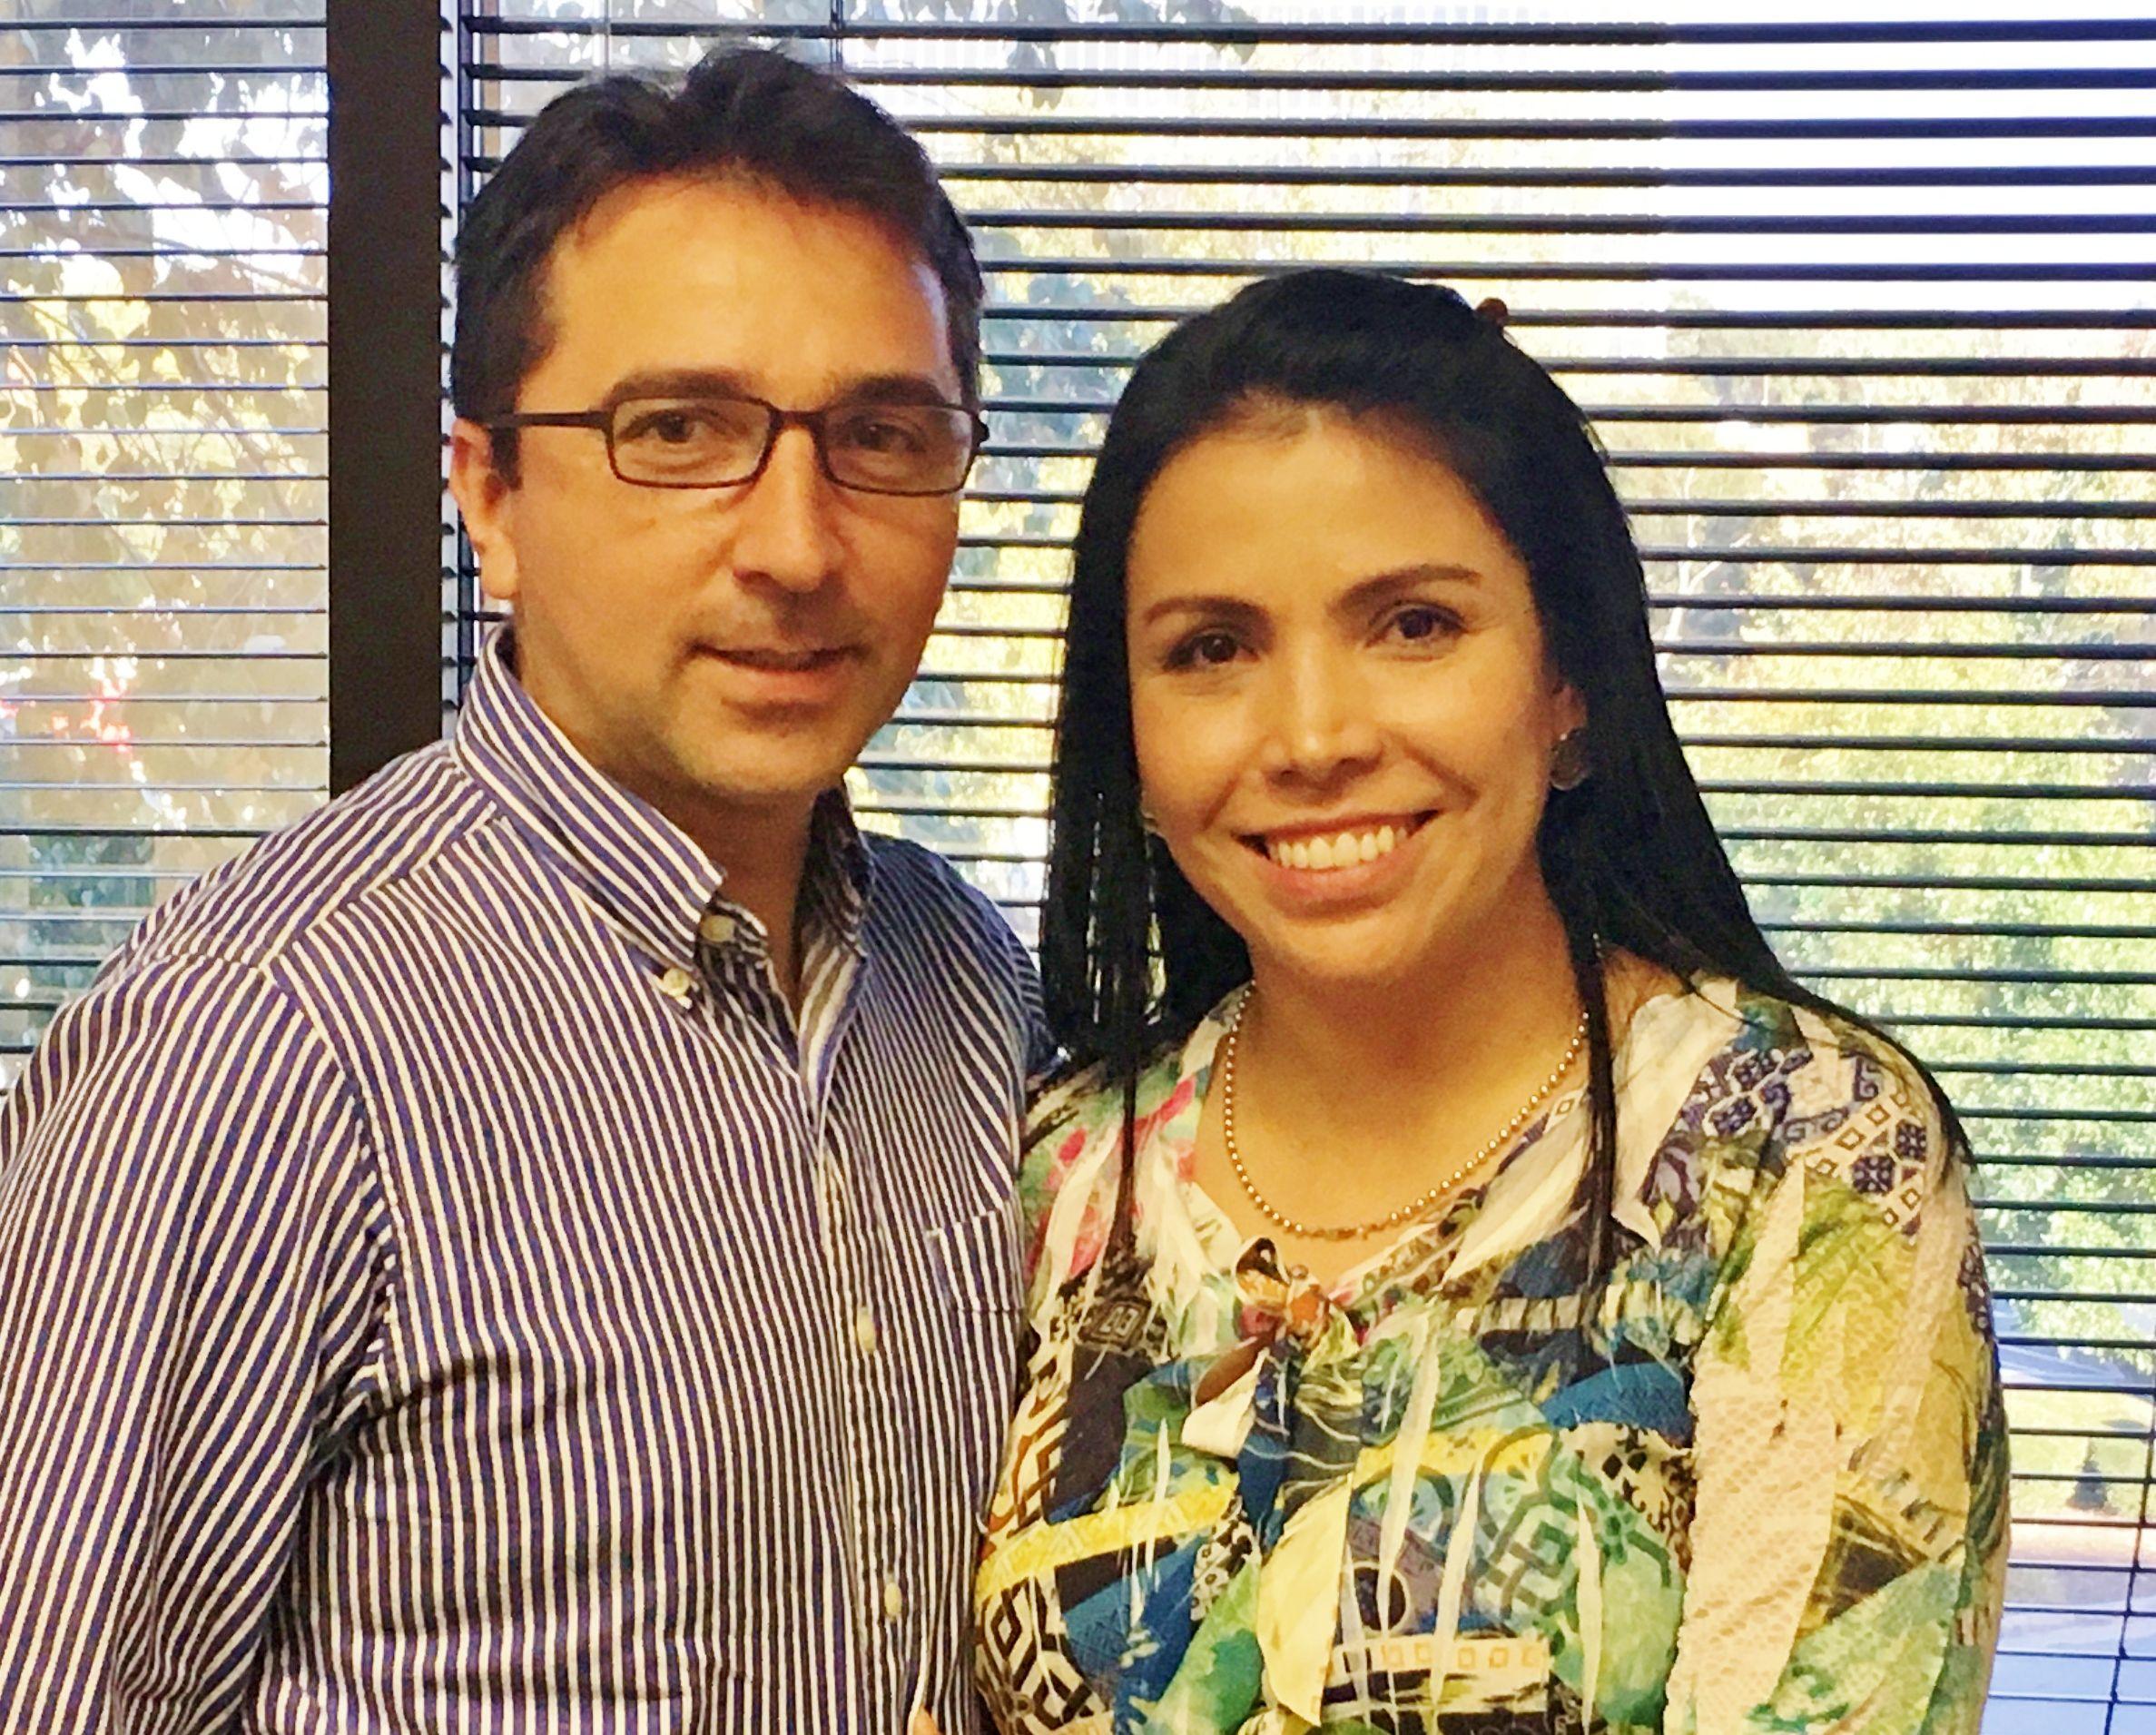 """Sr. Valdivieso: """"Gracias también a nuestros amigos quienes nos refireron a NACA. Gracias a Vanessa y gracias Oscar Sinisterra y todas las personal que estuneron voluradas en de las partes de este proceso."""" 2.375% APR #AmericanDream #NACAPurchase"""